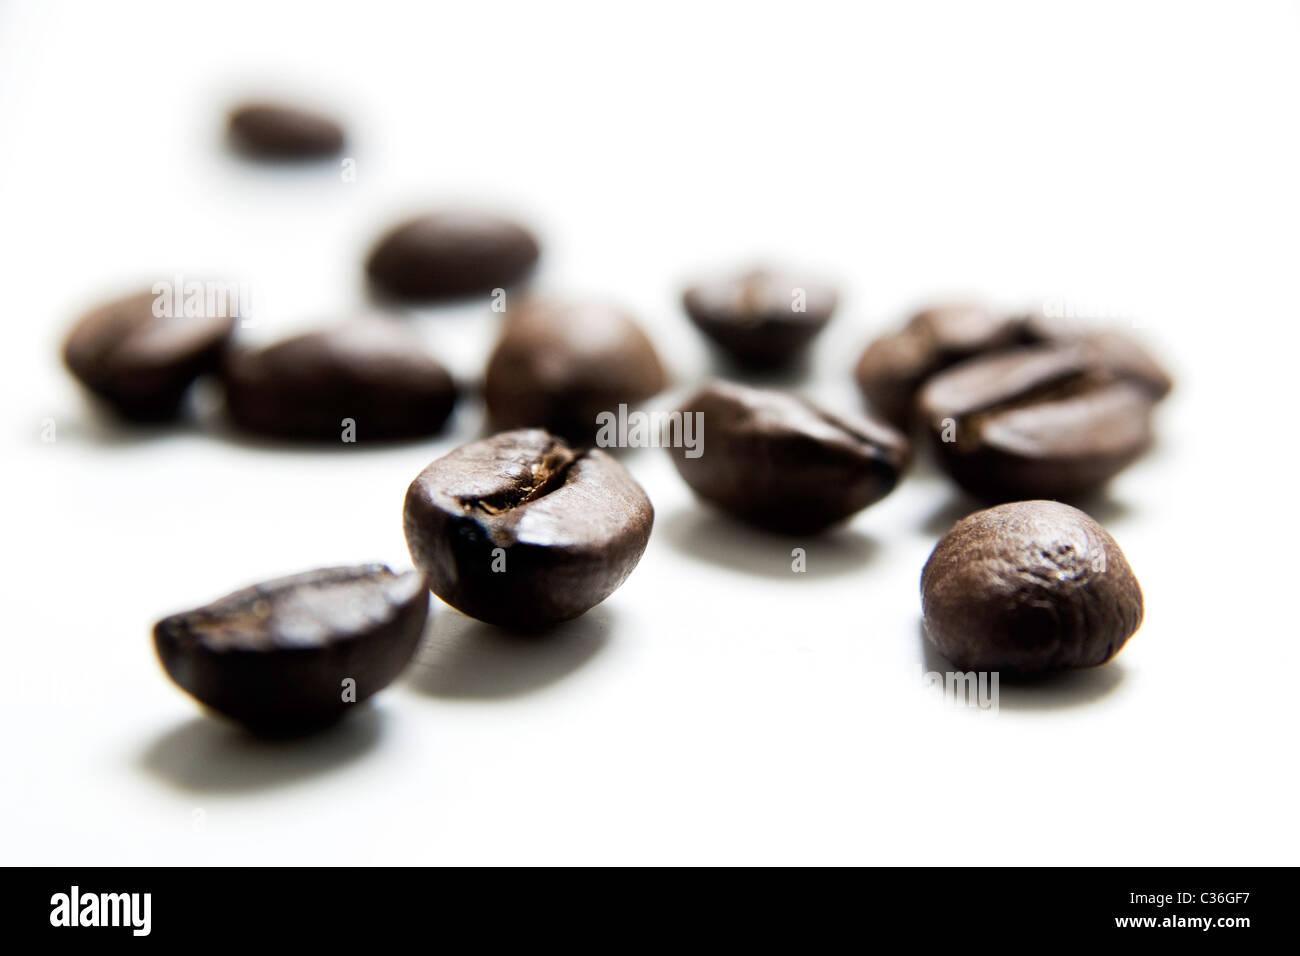 Les grains de café sur fond blanc Photo Stock